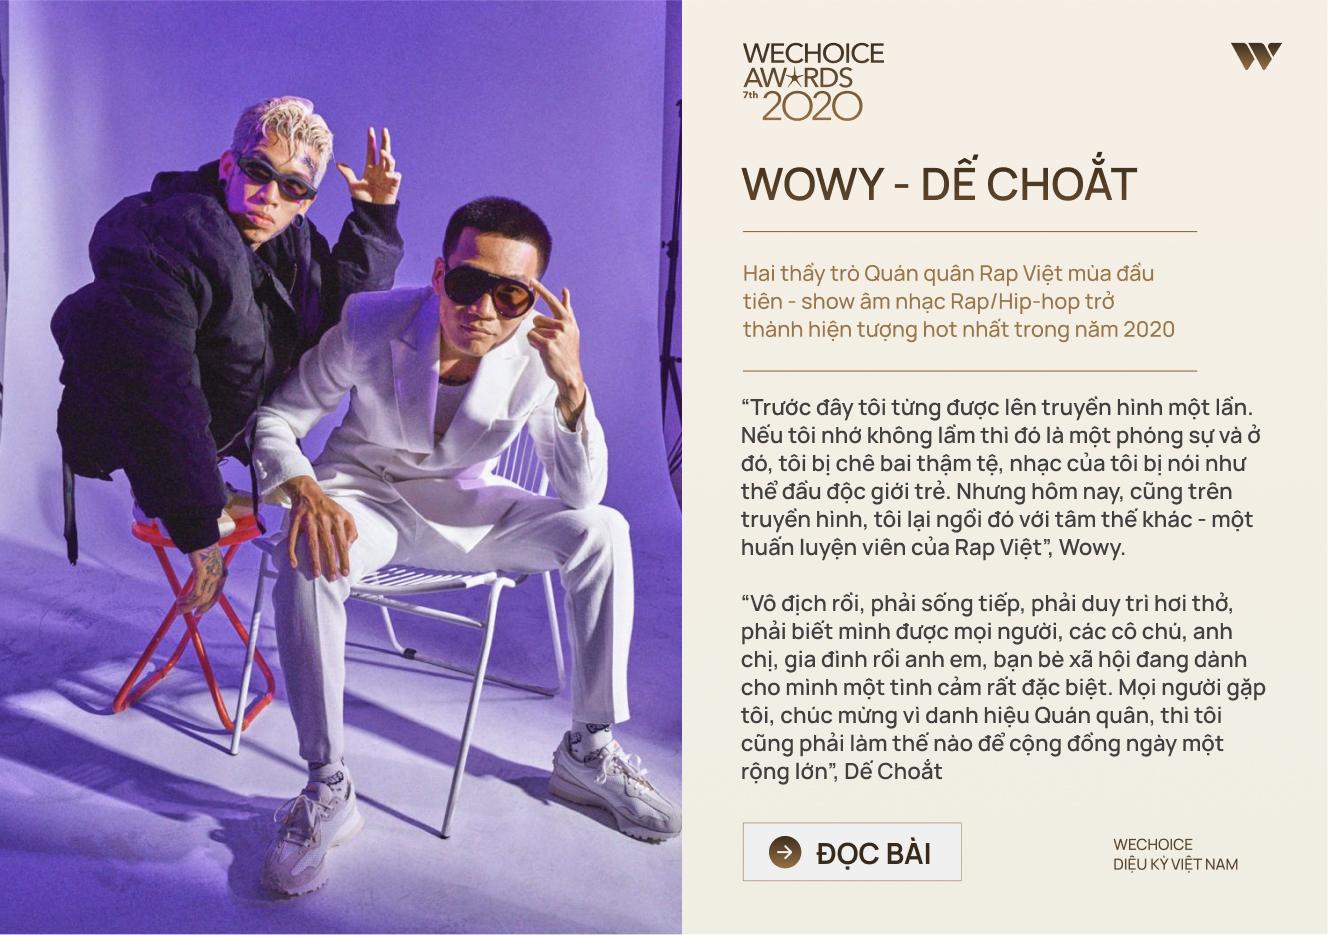 20 đề cử nhân vật truyền cảm hứng của WeChoice Awards 2020: Những câu chuyện tạo nên Diệu kỳ Việt Nam - Ảnh 18.